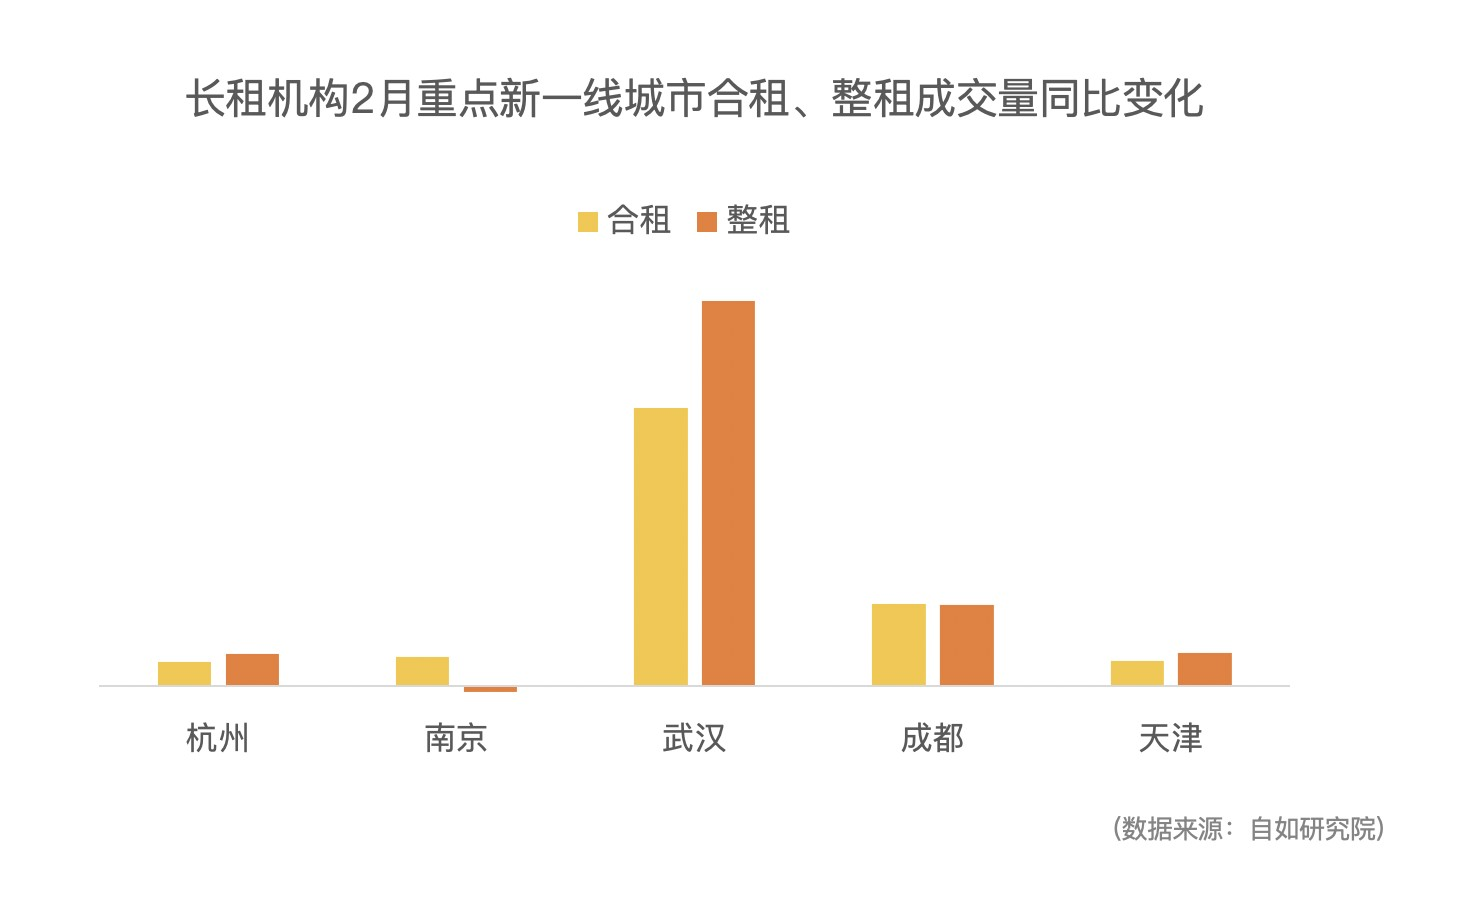 自如研究院:2月武汉租赁市场全面复苏,整租成交量同比上涨超387%